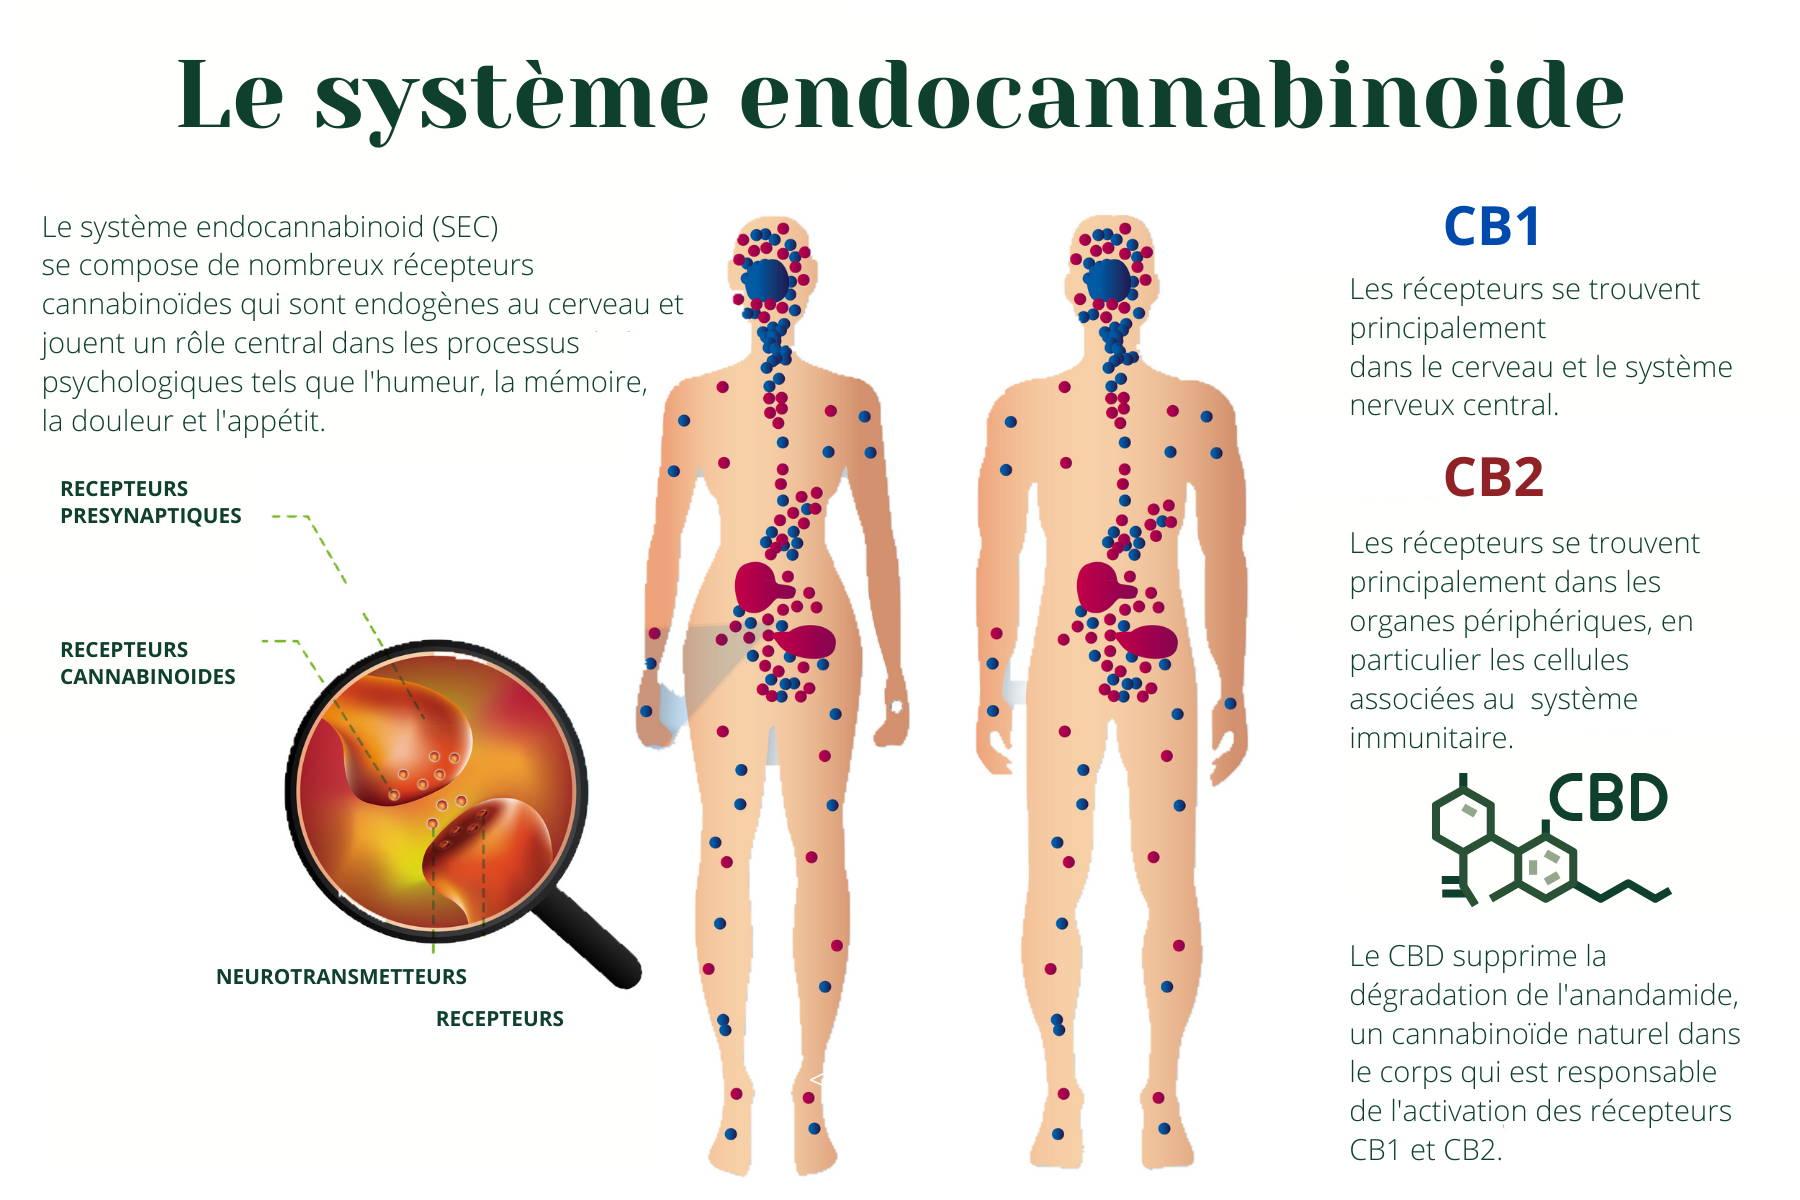 système endocannabinoide cannabinoides